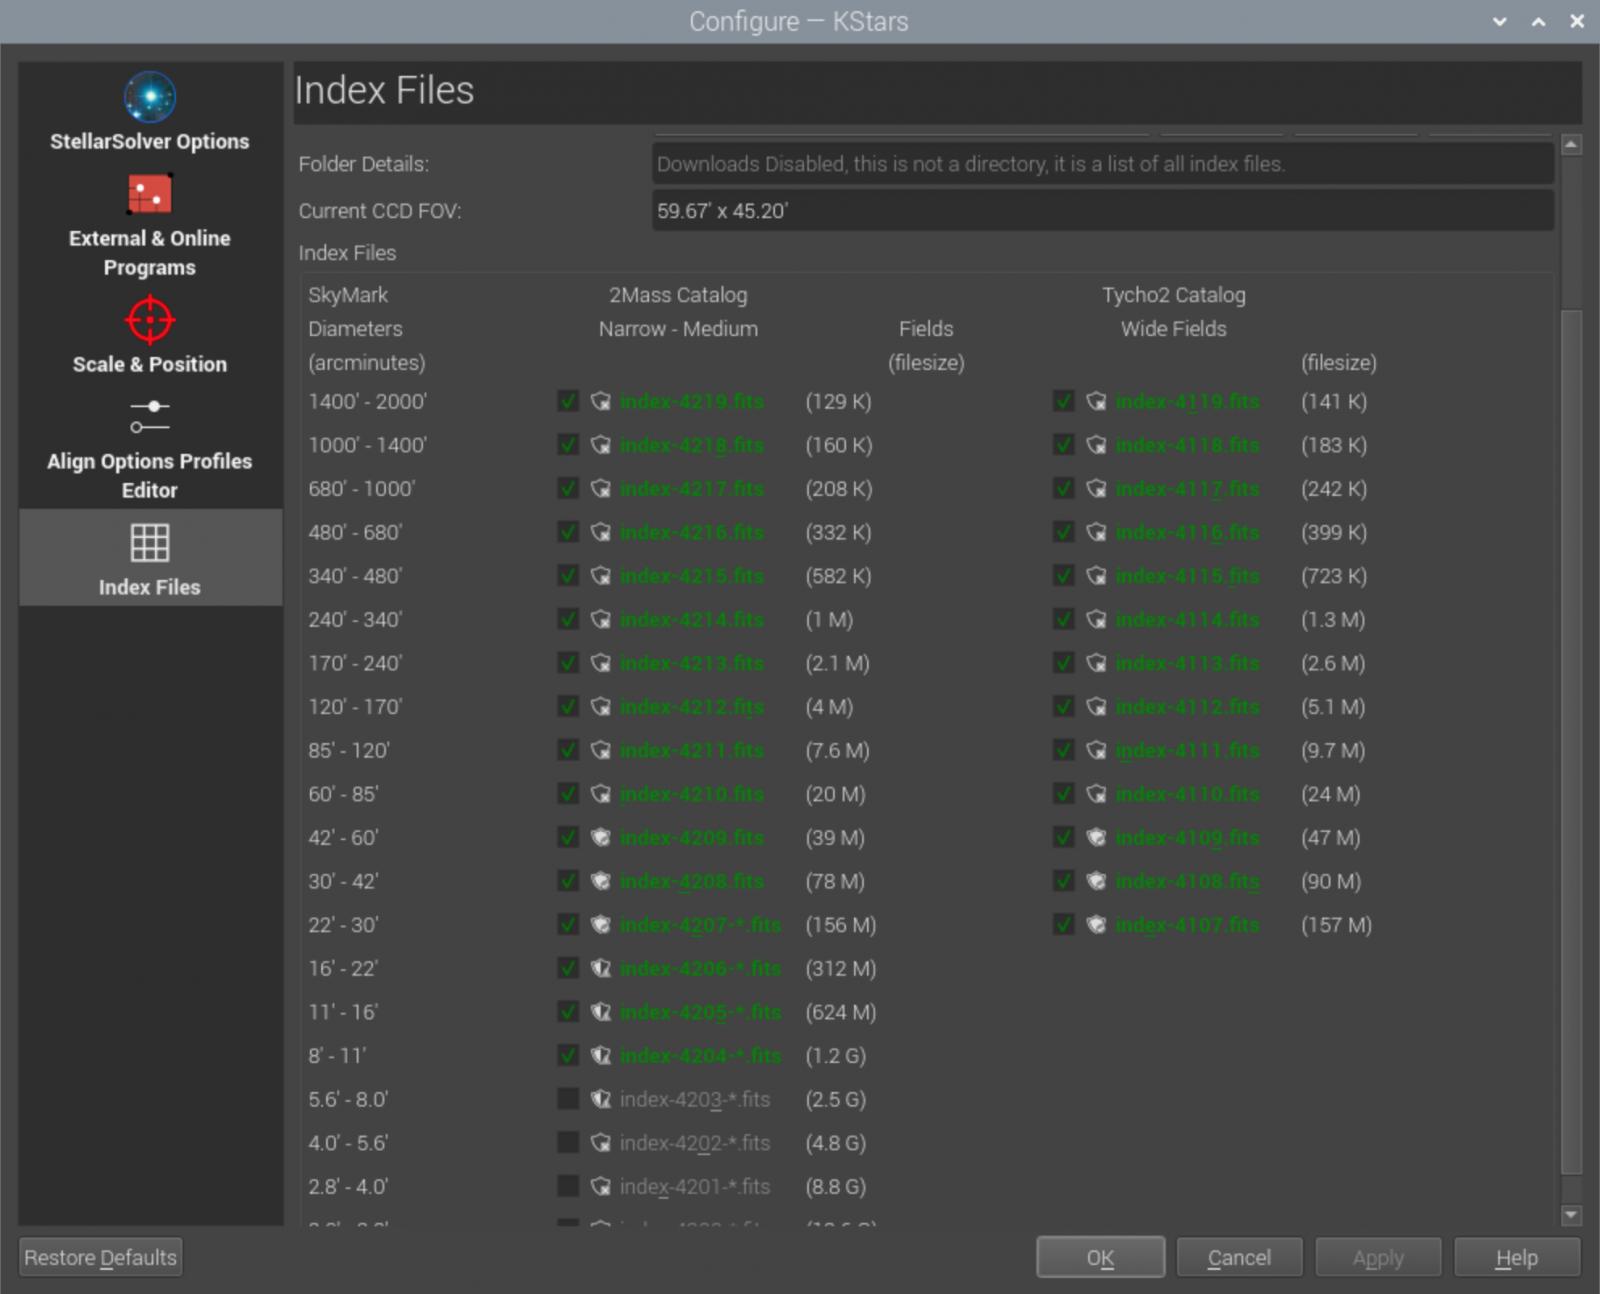 Zrzut ekranu 2021-03-8 o 20.15.41.png